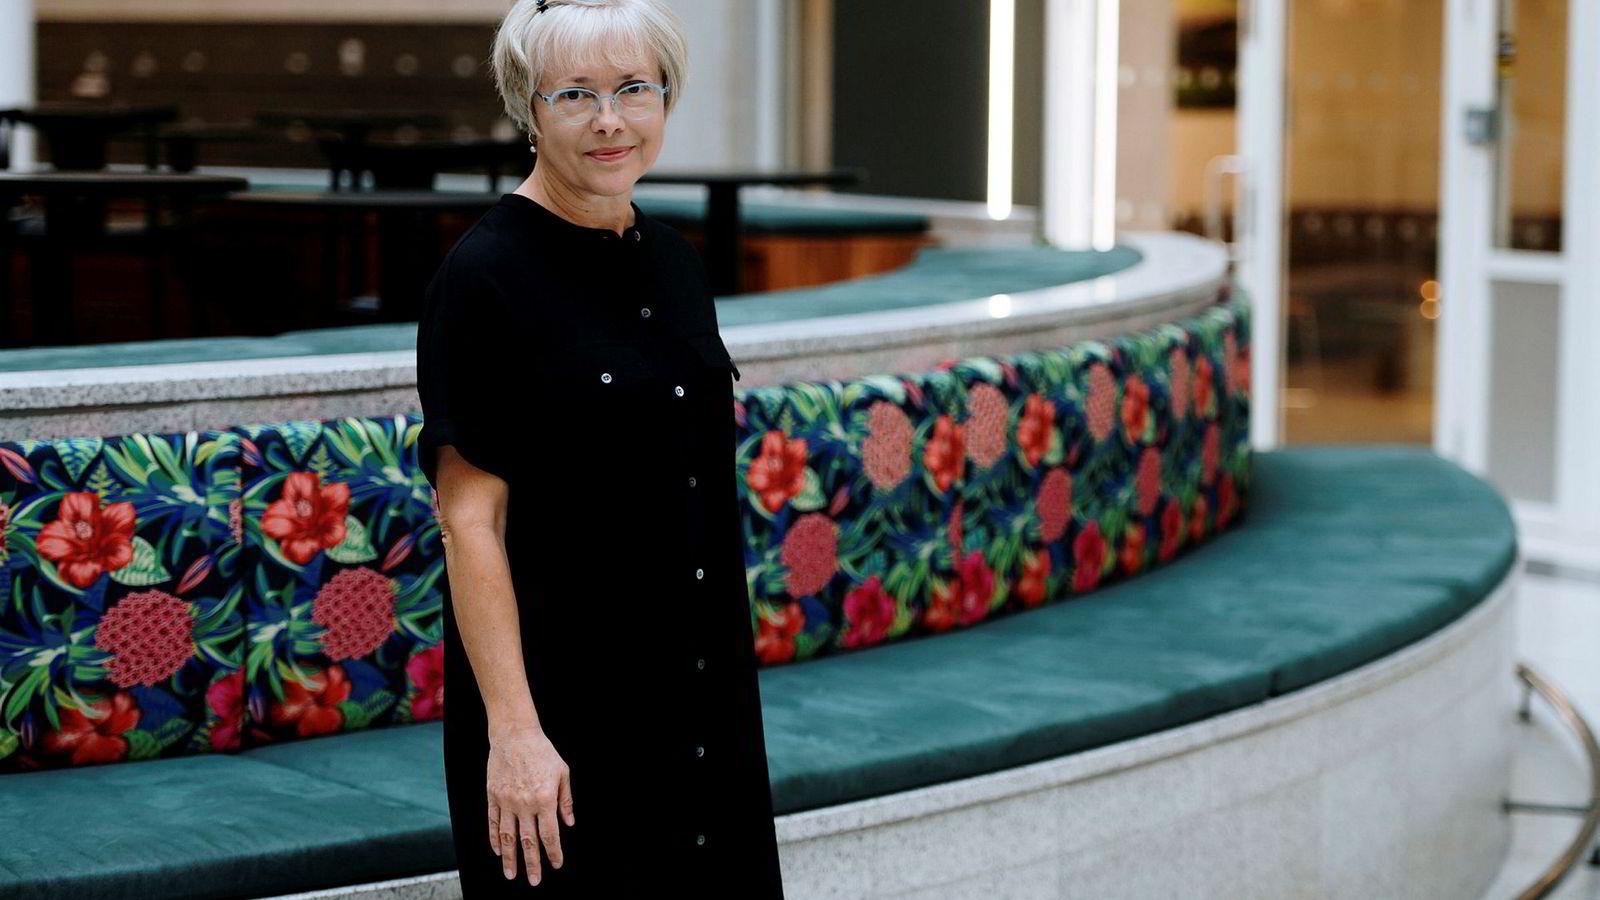 Judy Bollinger sier hennes personlige erfaring er at mannsdominerte miljøer er for lite flinke til å lære av feil eller forbedringer, og at det kan skape unødvendig risiko. Hun tror kvinner i bransjen har lettere for å slutte i jobben om det ikke legges til rette for familieliv.